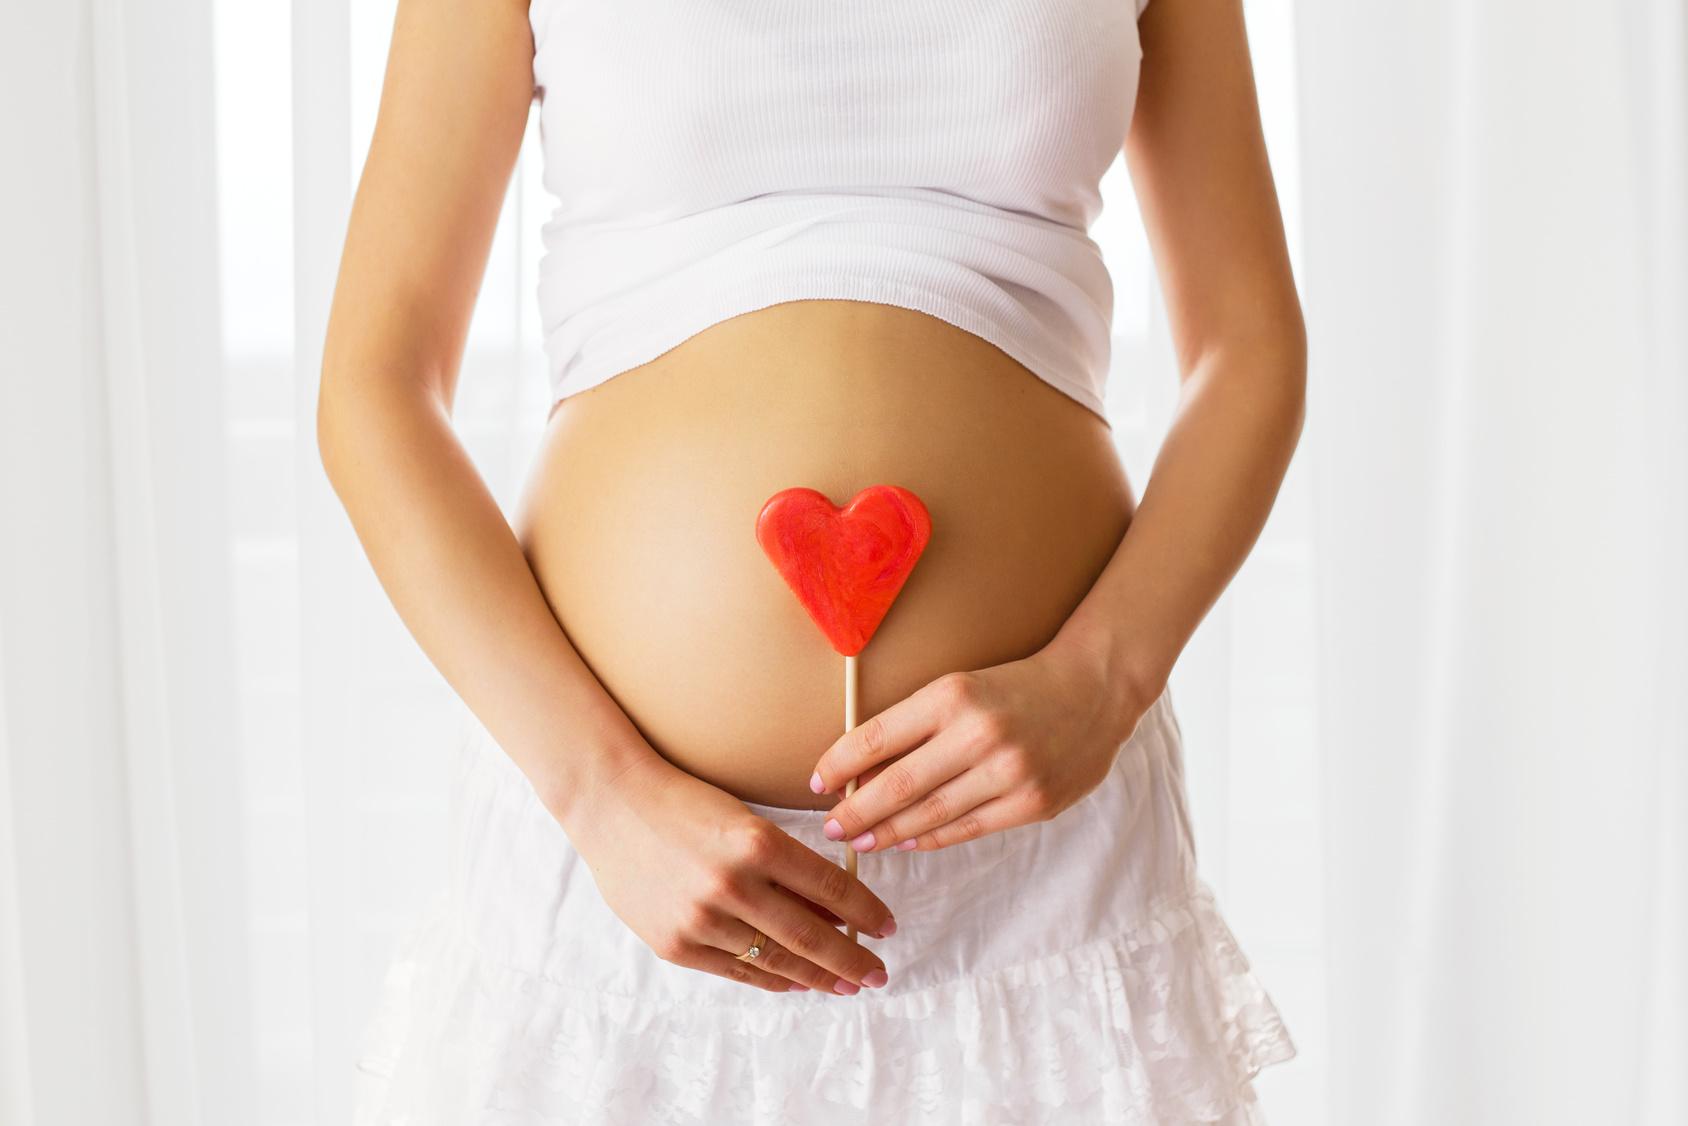 site de rencontre de fille enceinte rencontres conseils Helpline